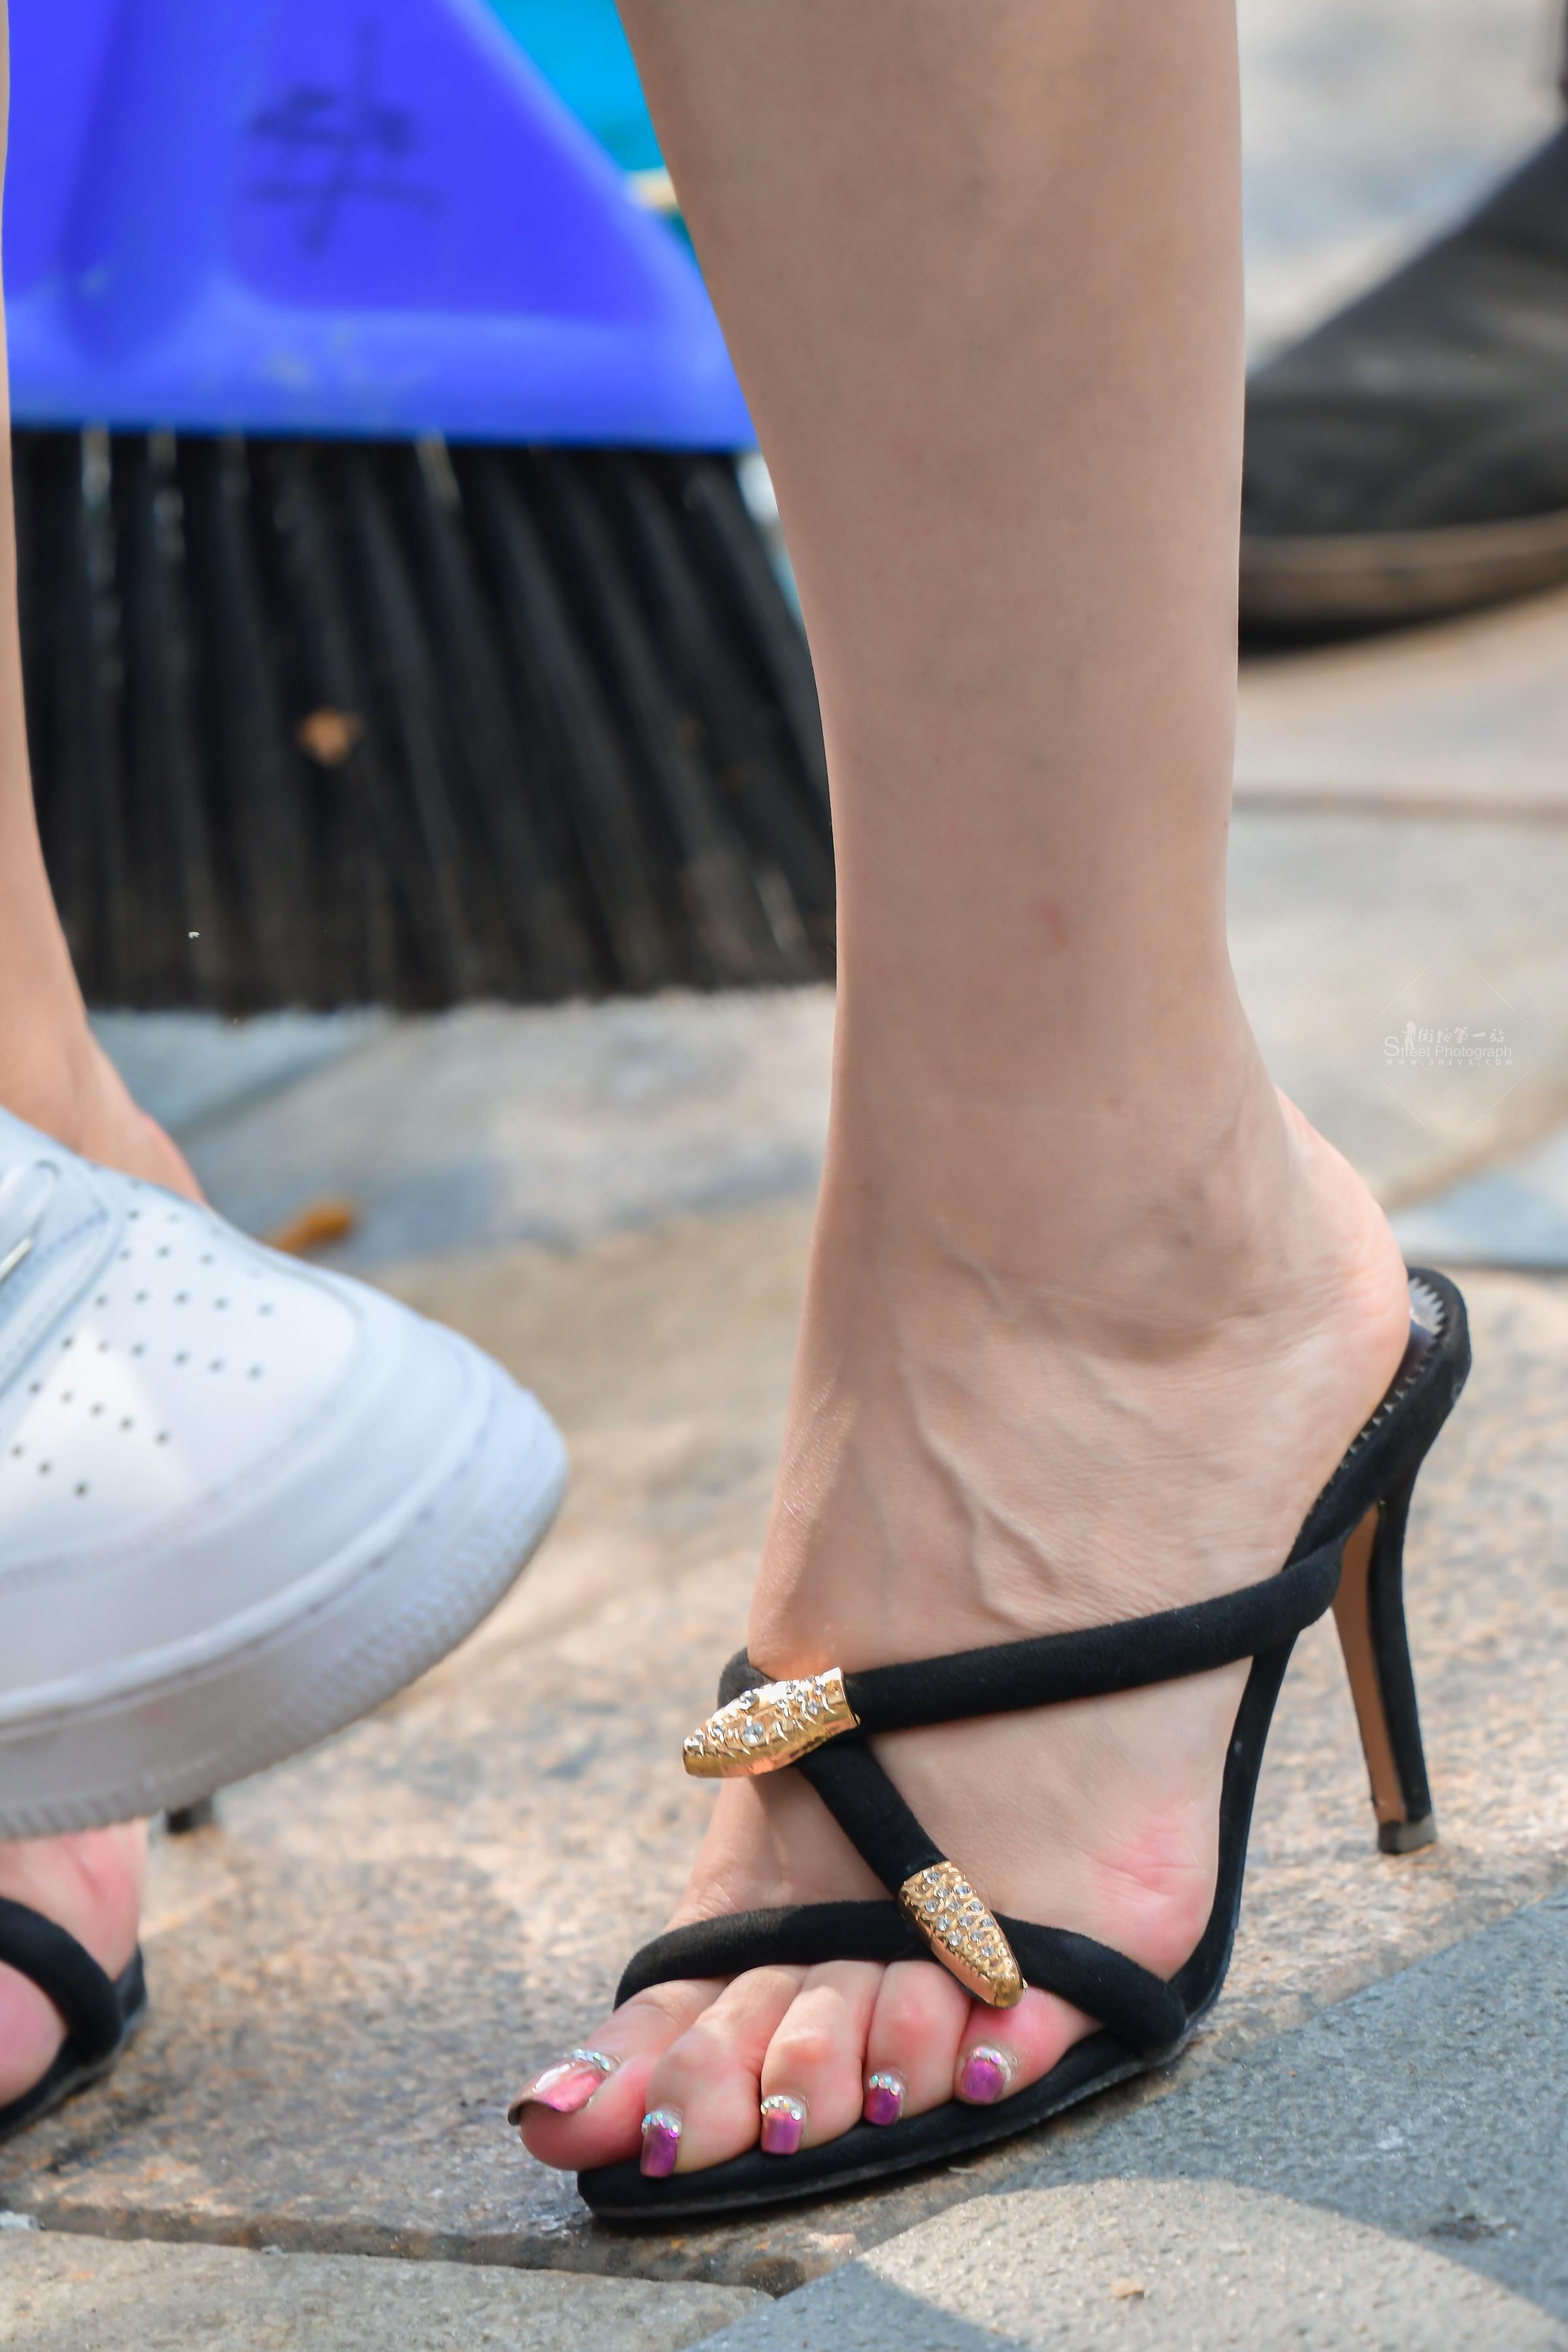 短发知性露肩装魅腿高跟街拍美女的高跟鞋和美甲实在太耀眼 - 特约名家街拍- 街拍第一站